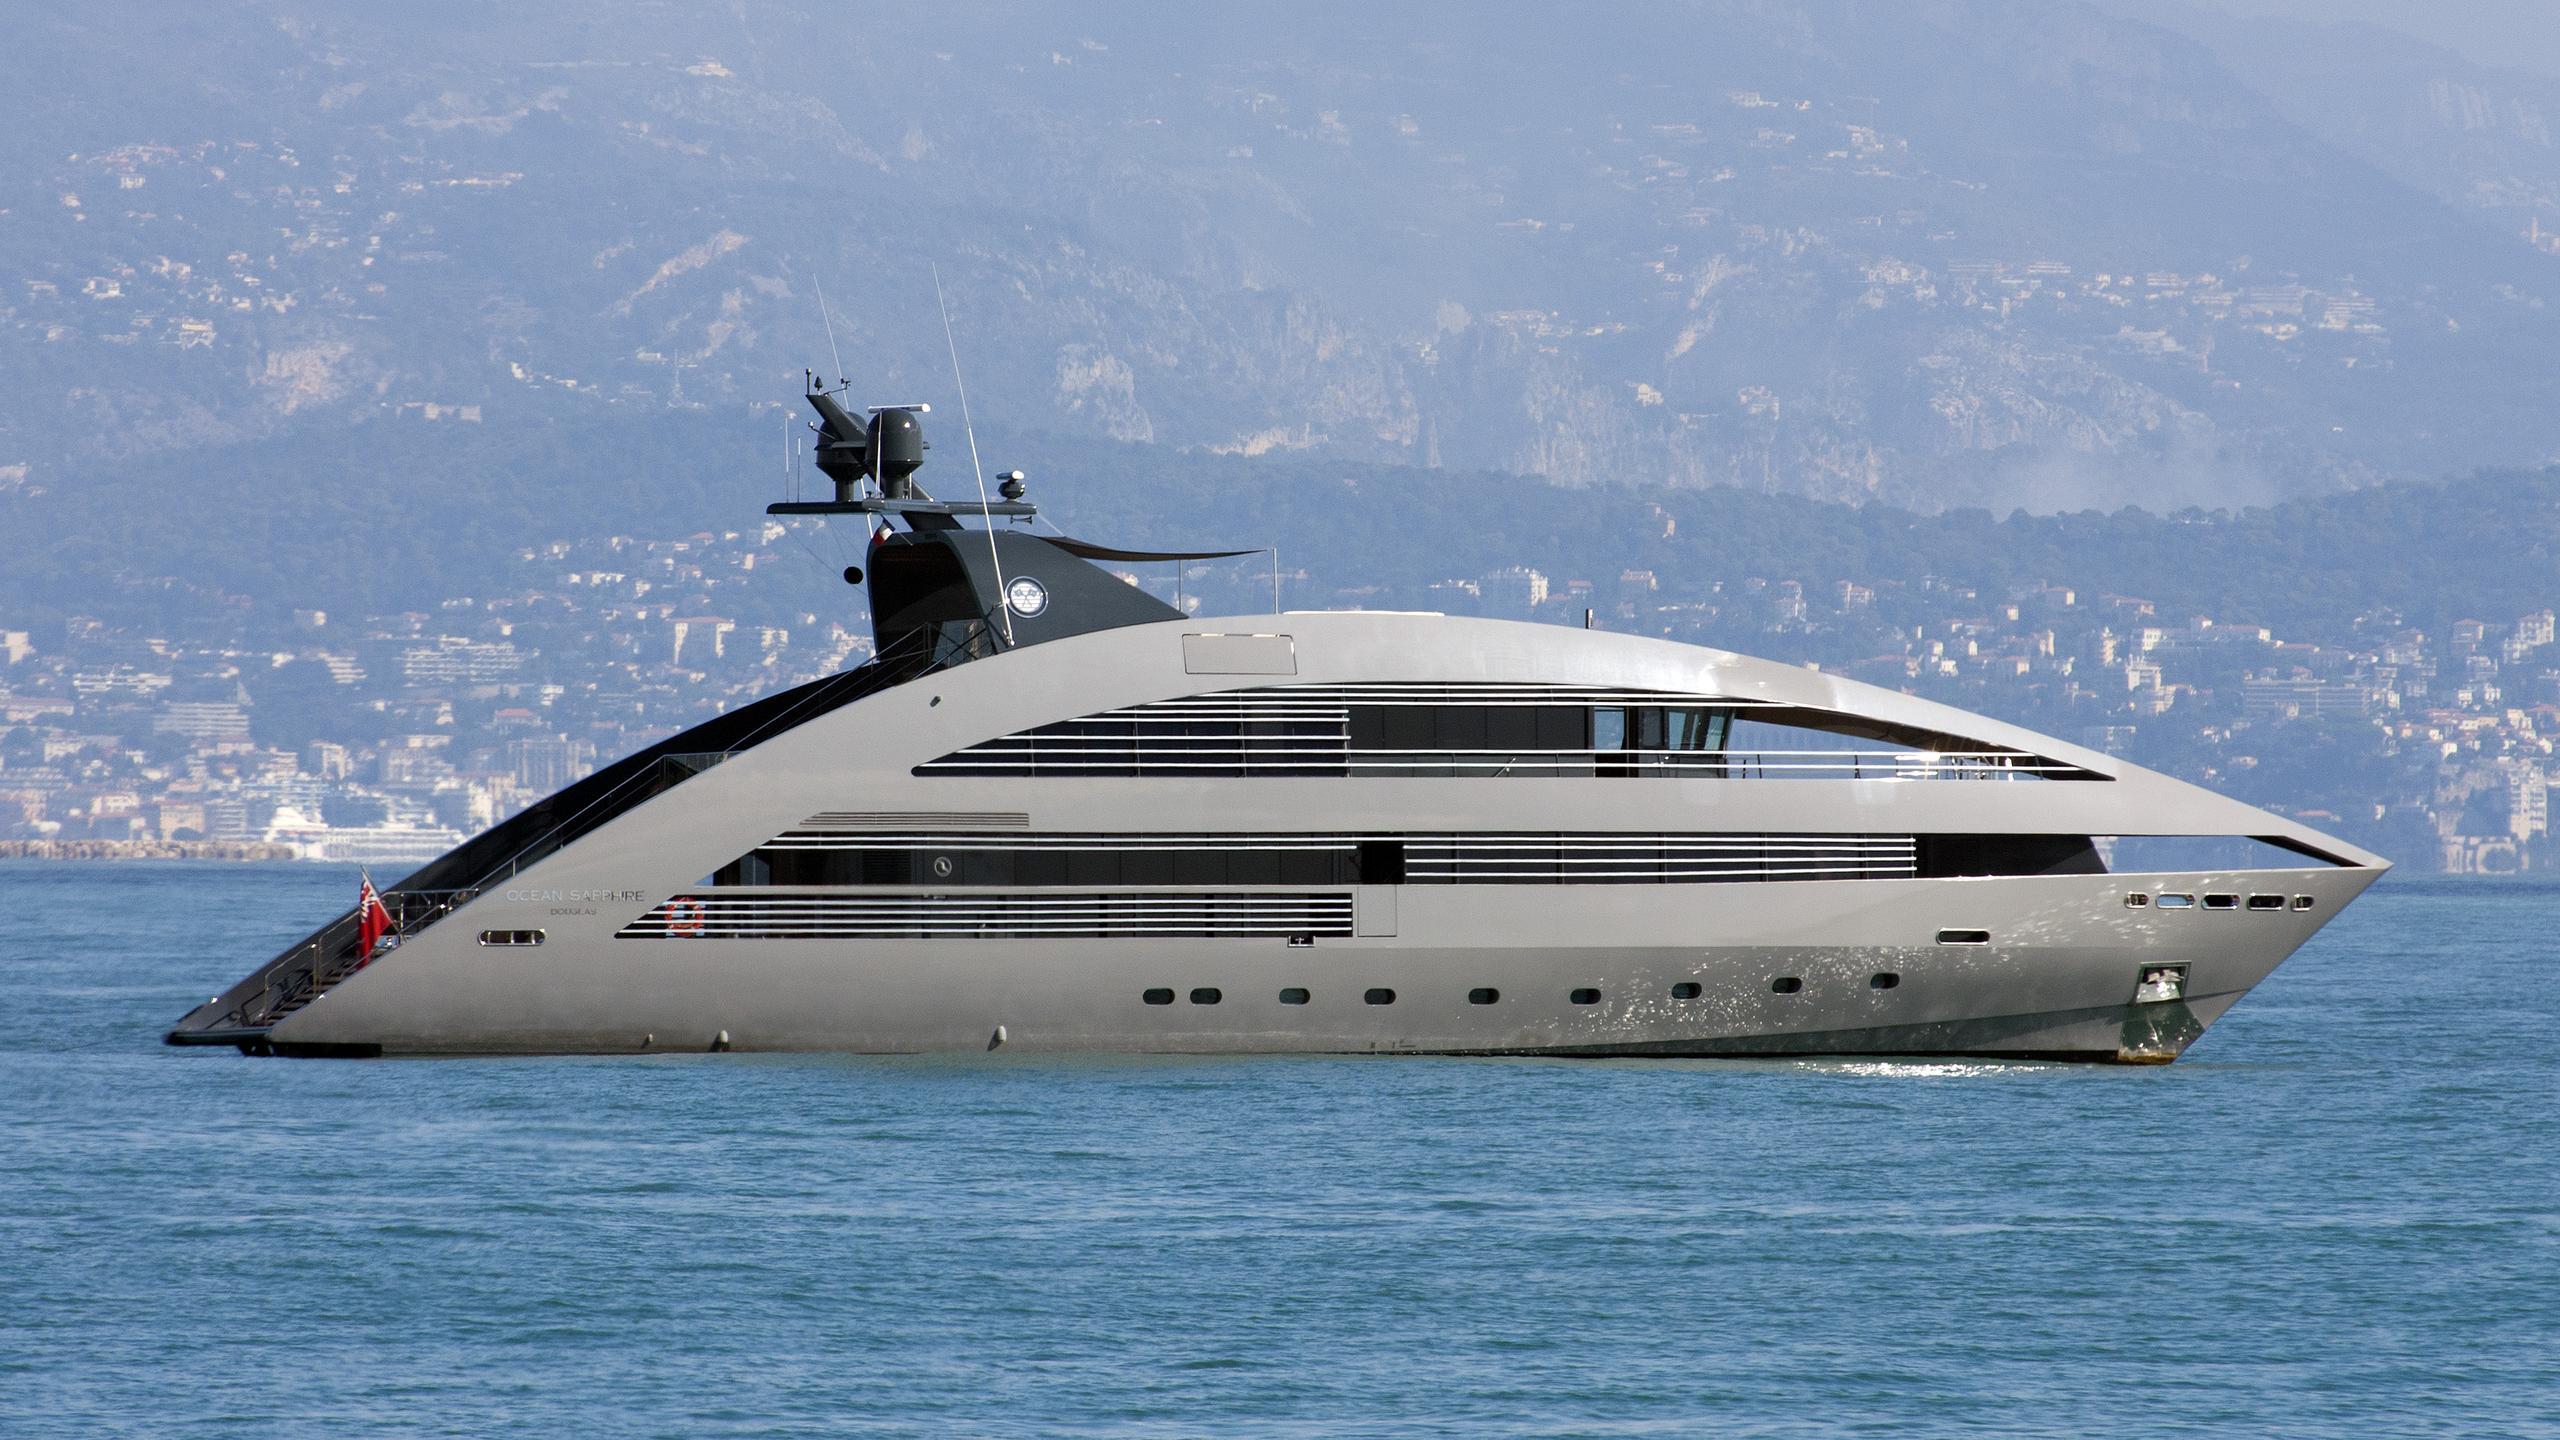 ocean-sapphire-motor-yacht-rodriquez-yachts-signature-40-2010-40m-profile